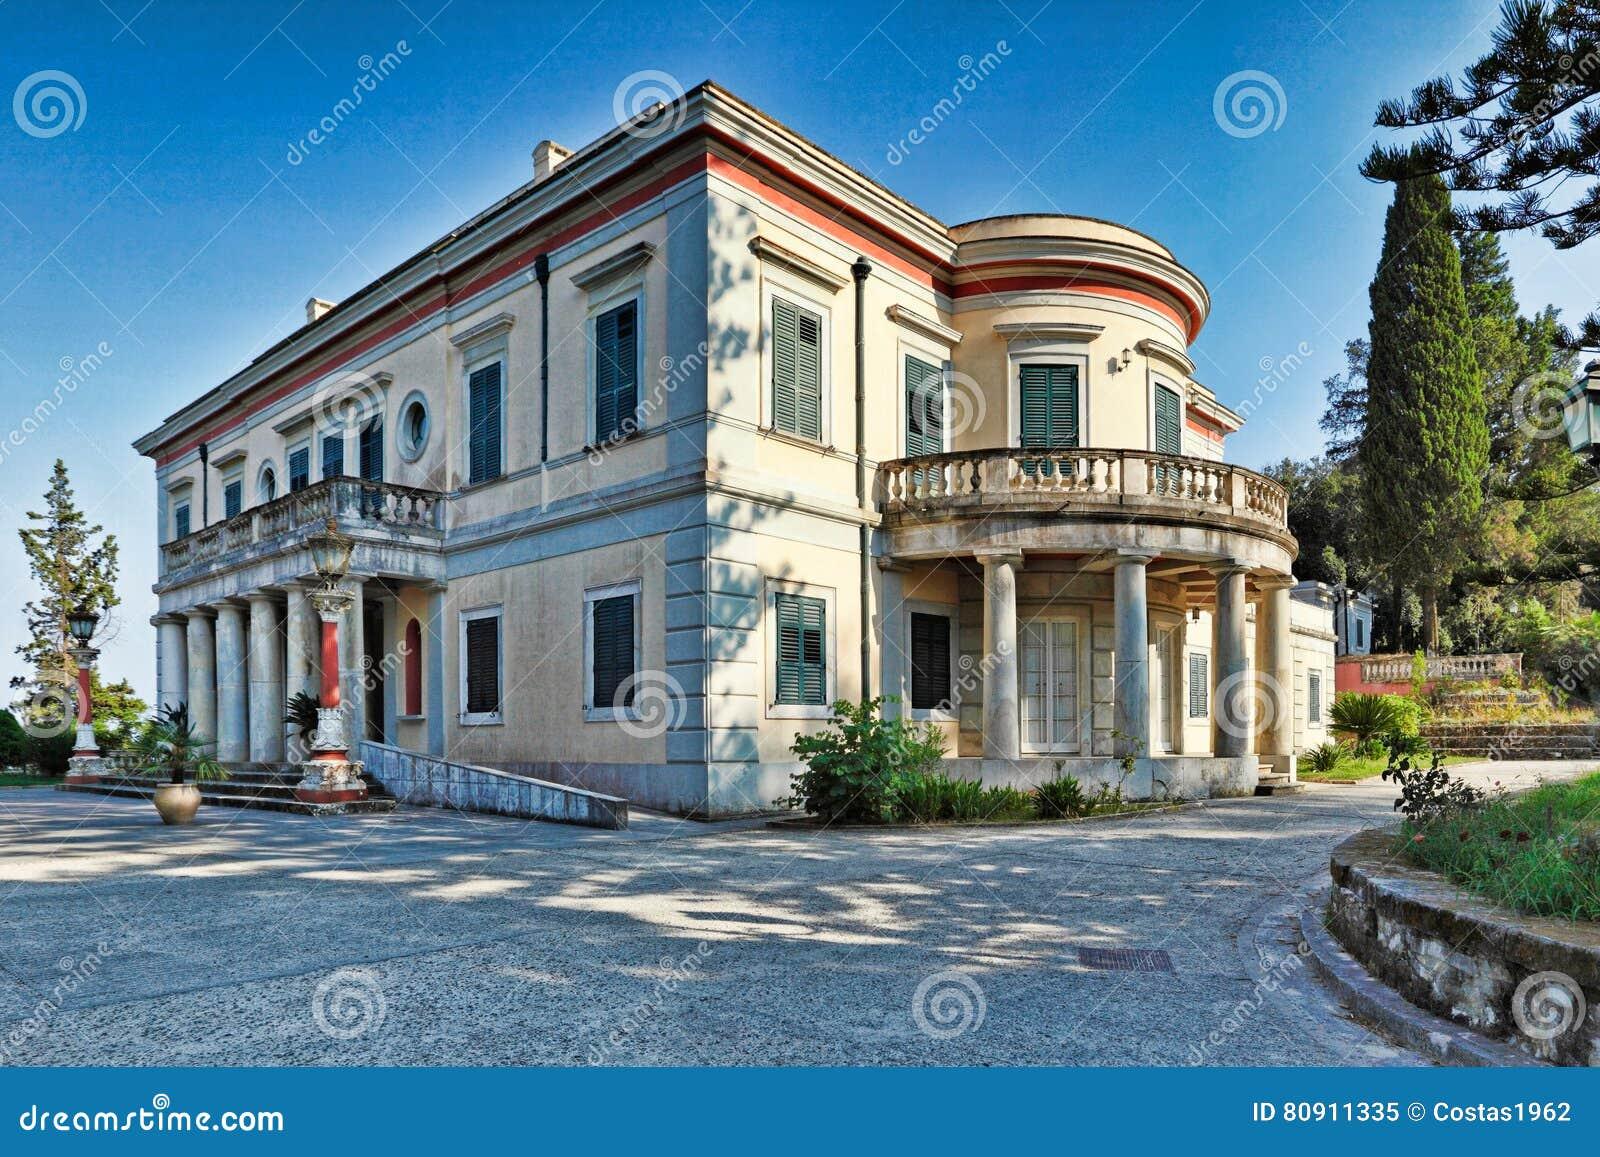 Repos de segunda-feira em Corfu, Grécia